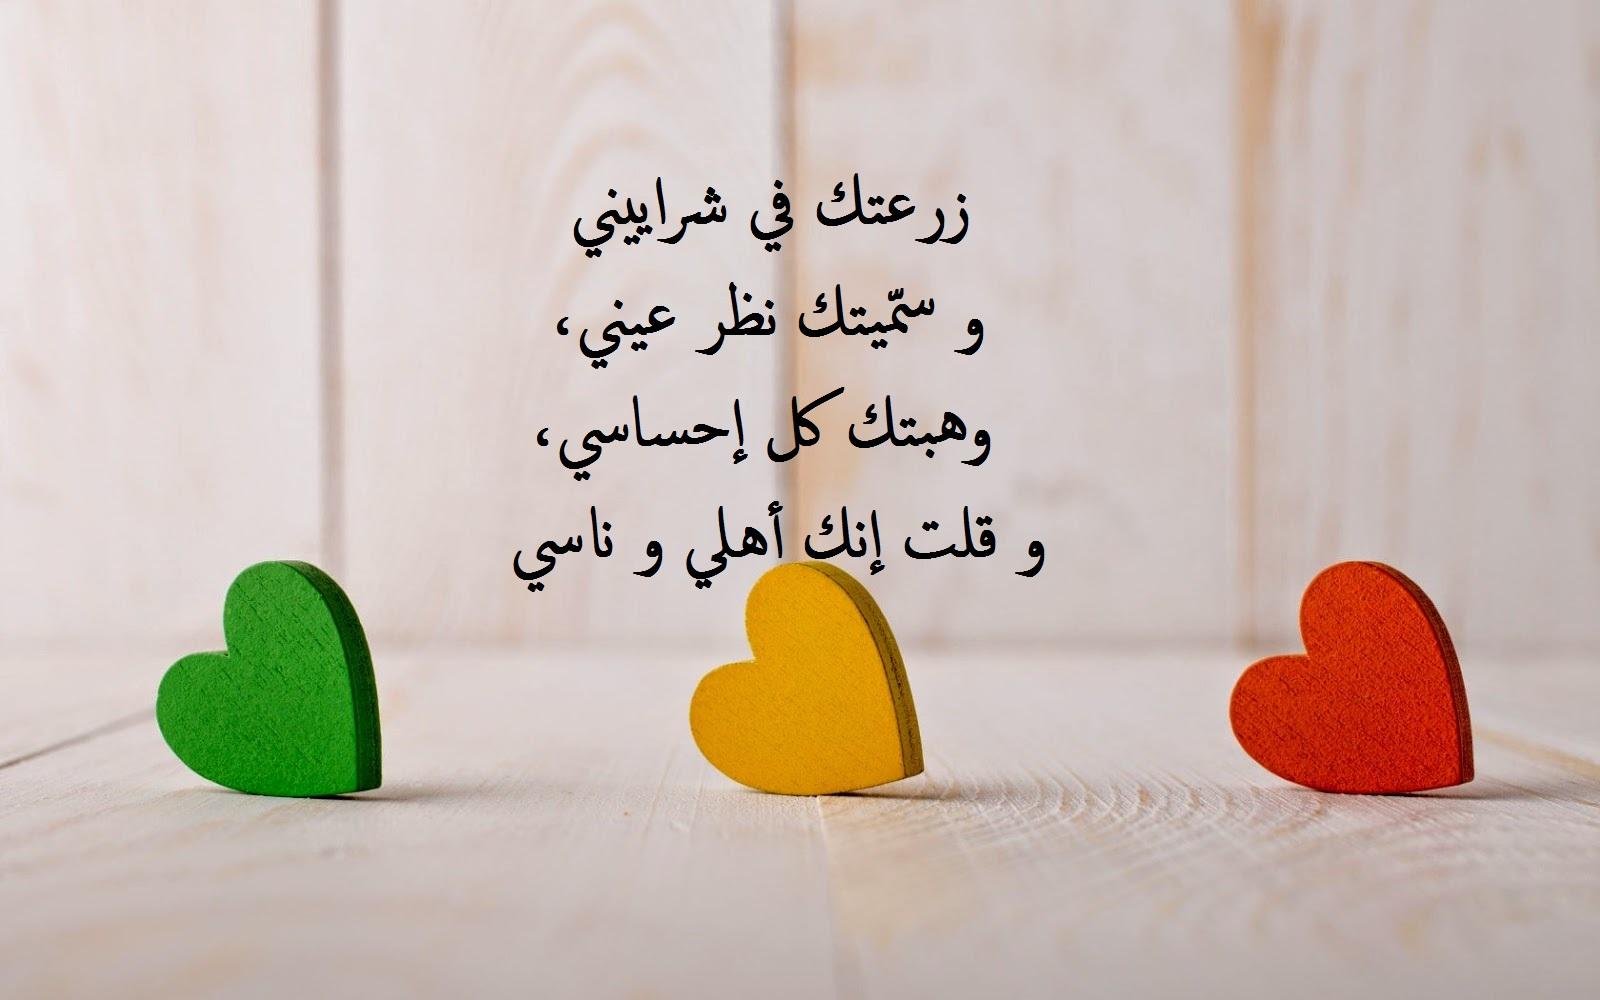 كلام في الحب والرومانسية والعشق بجنون للحبيب